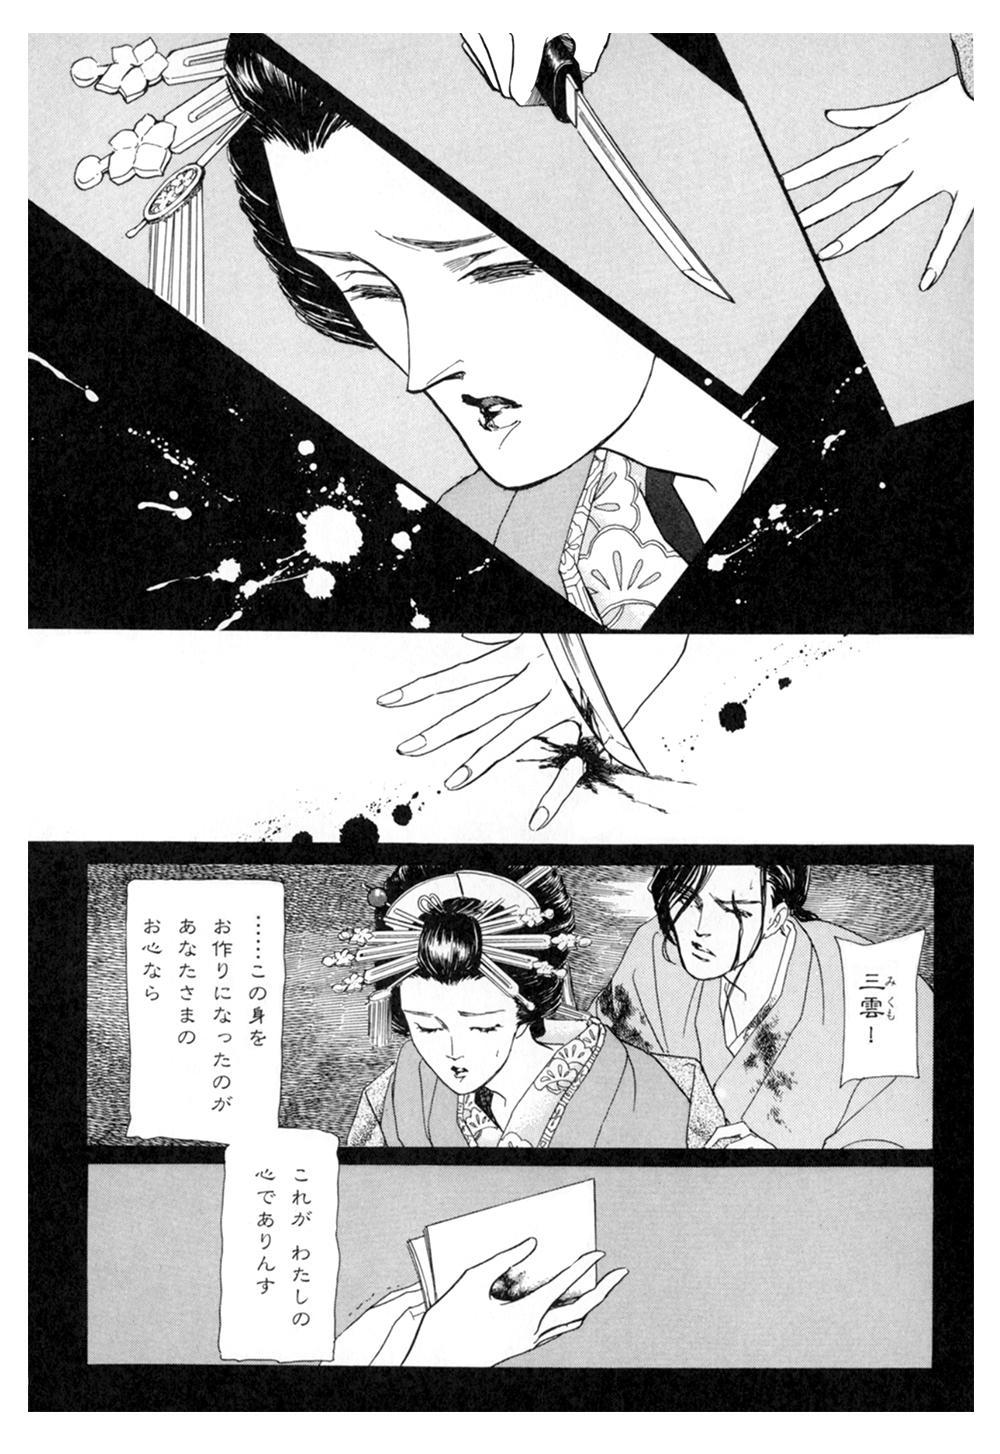 雨柳堂夢咄 第5話「花に暮れる」2uryudo-02-136.jpg